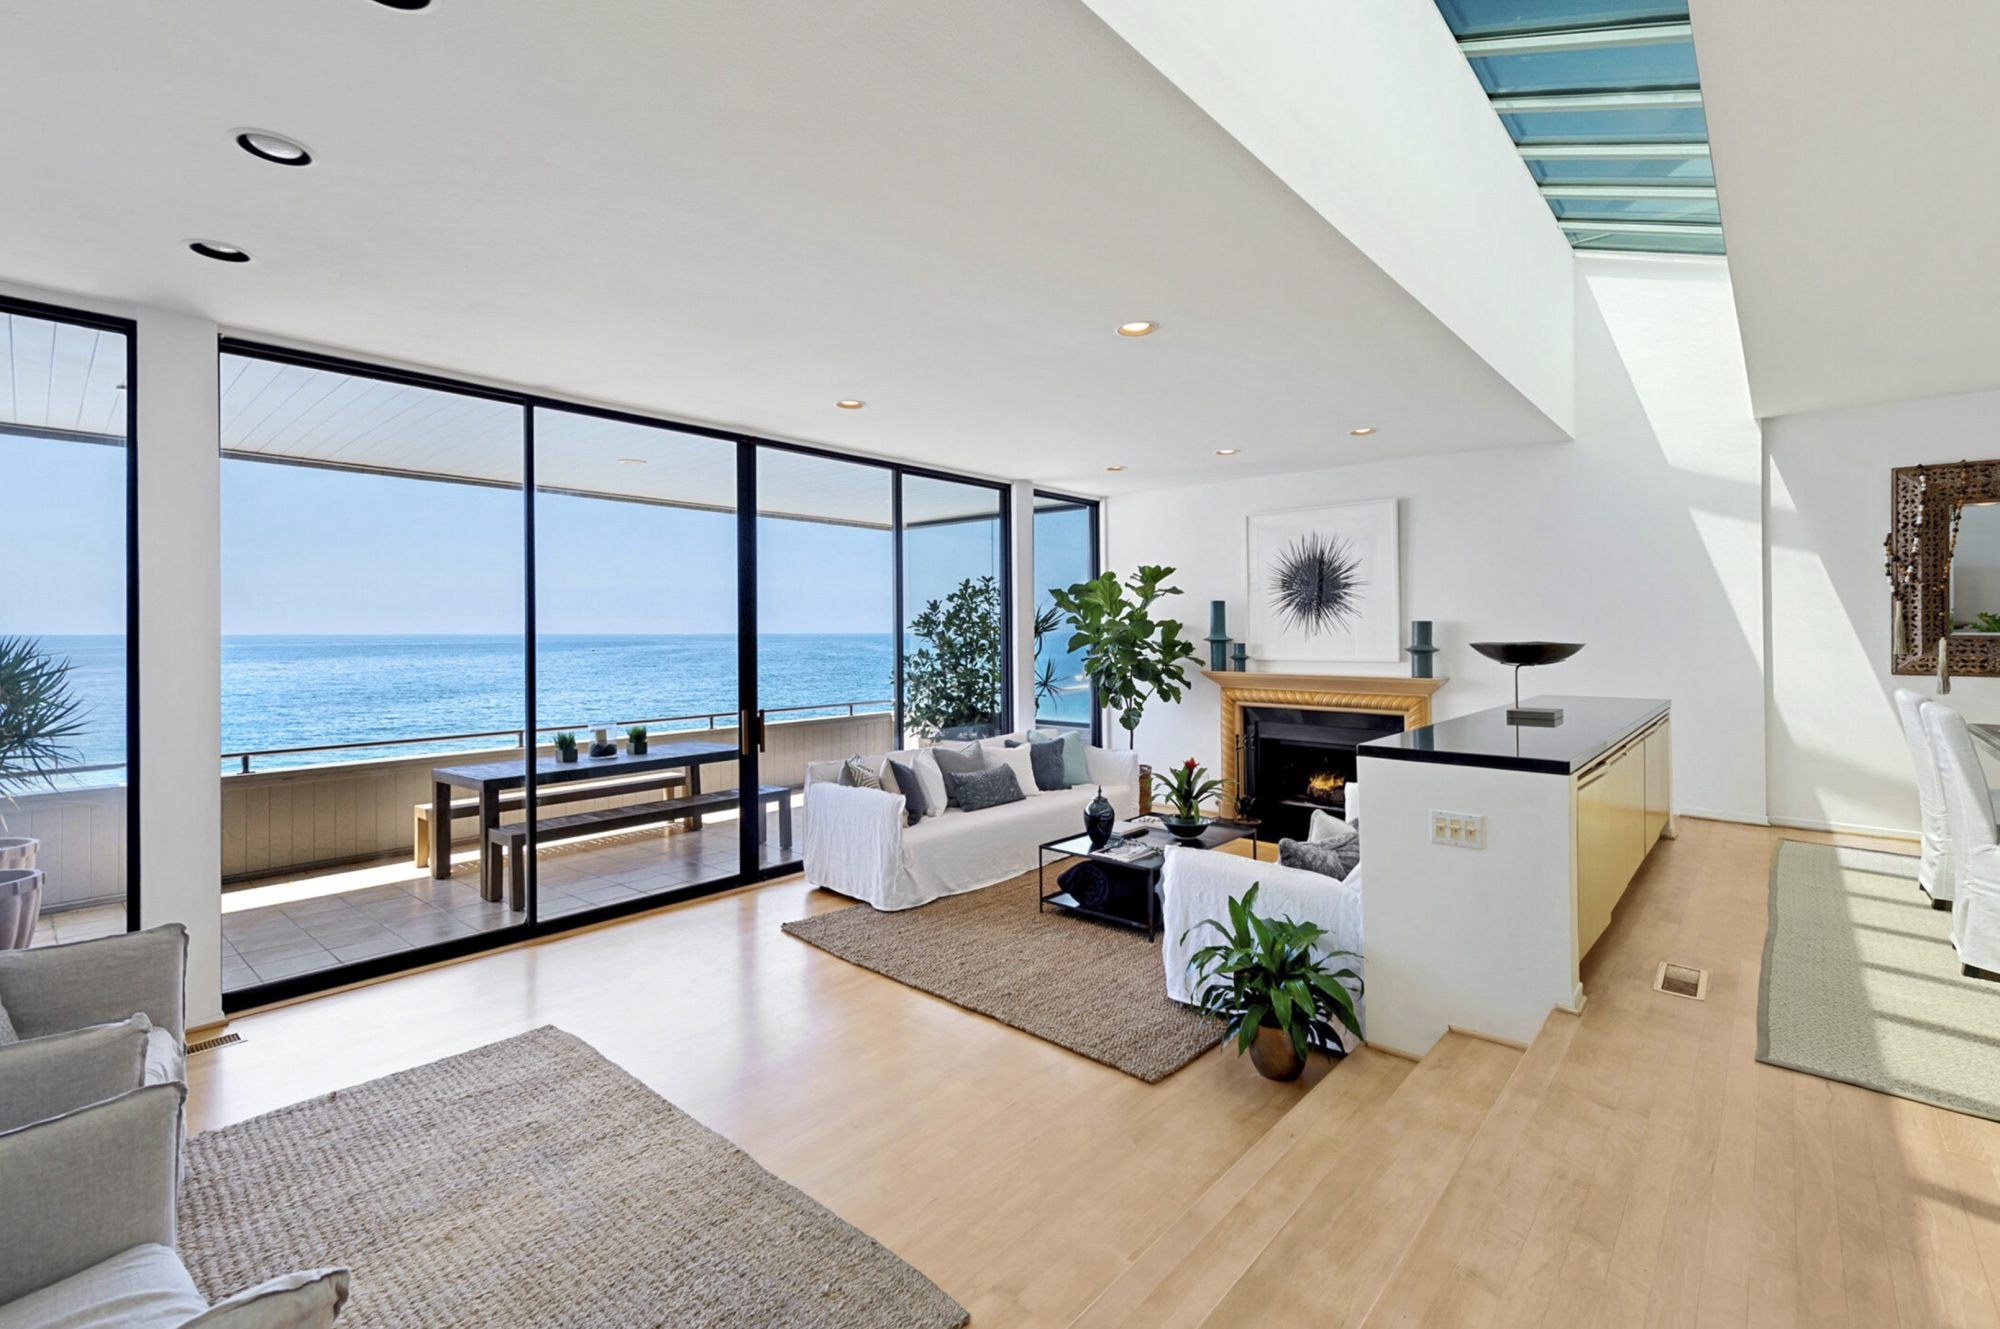 El penthouse de Gal Gadot en Malibu